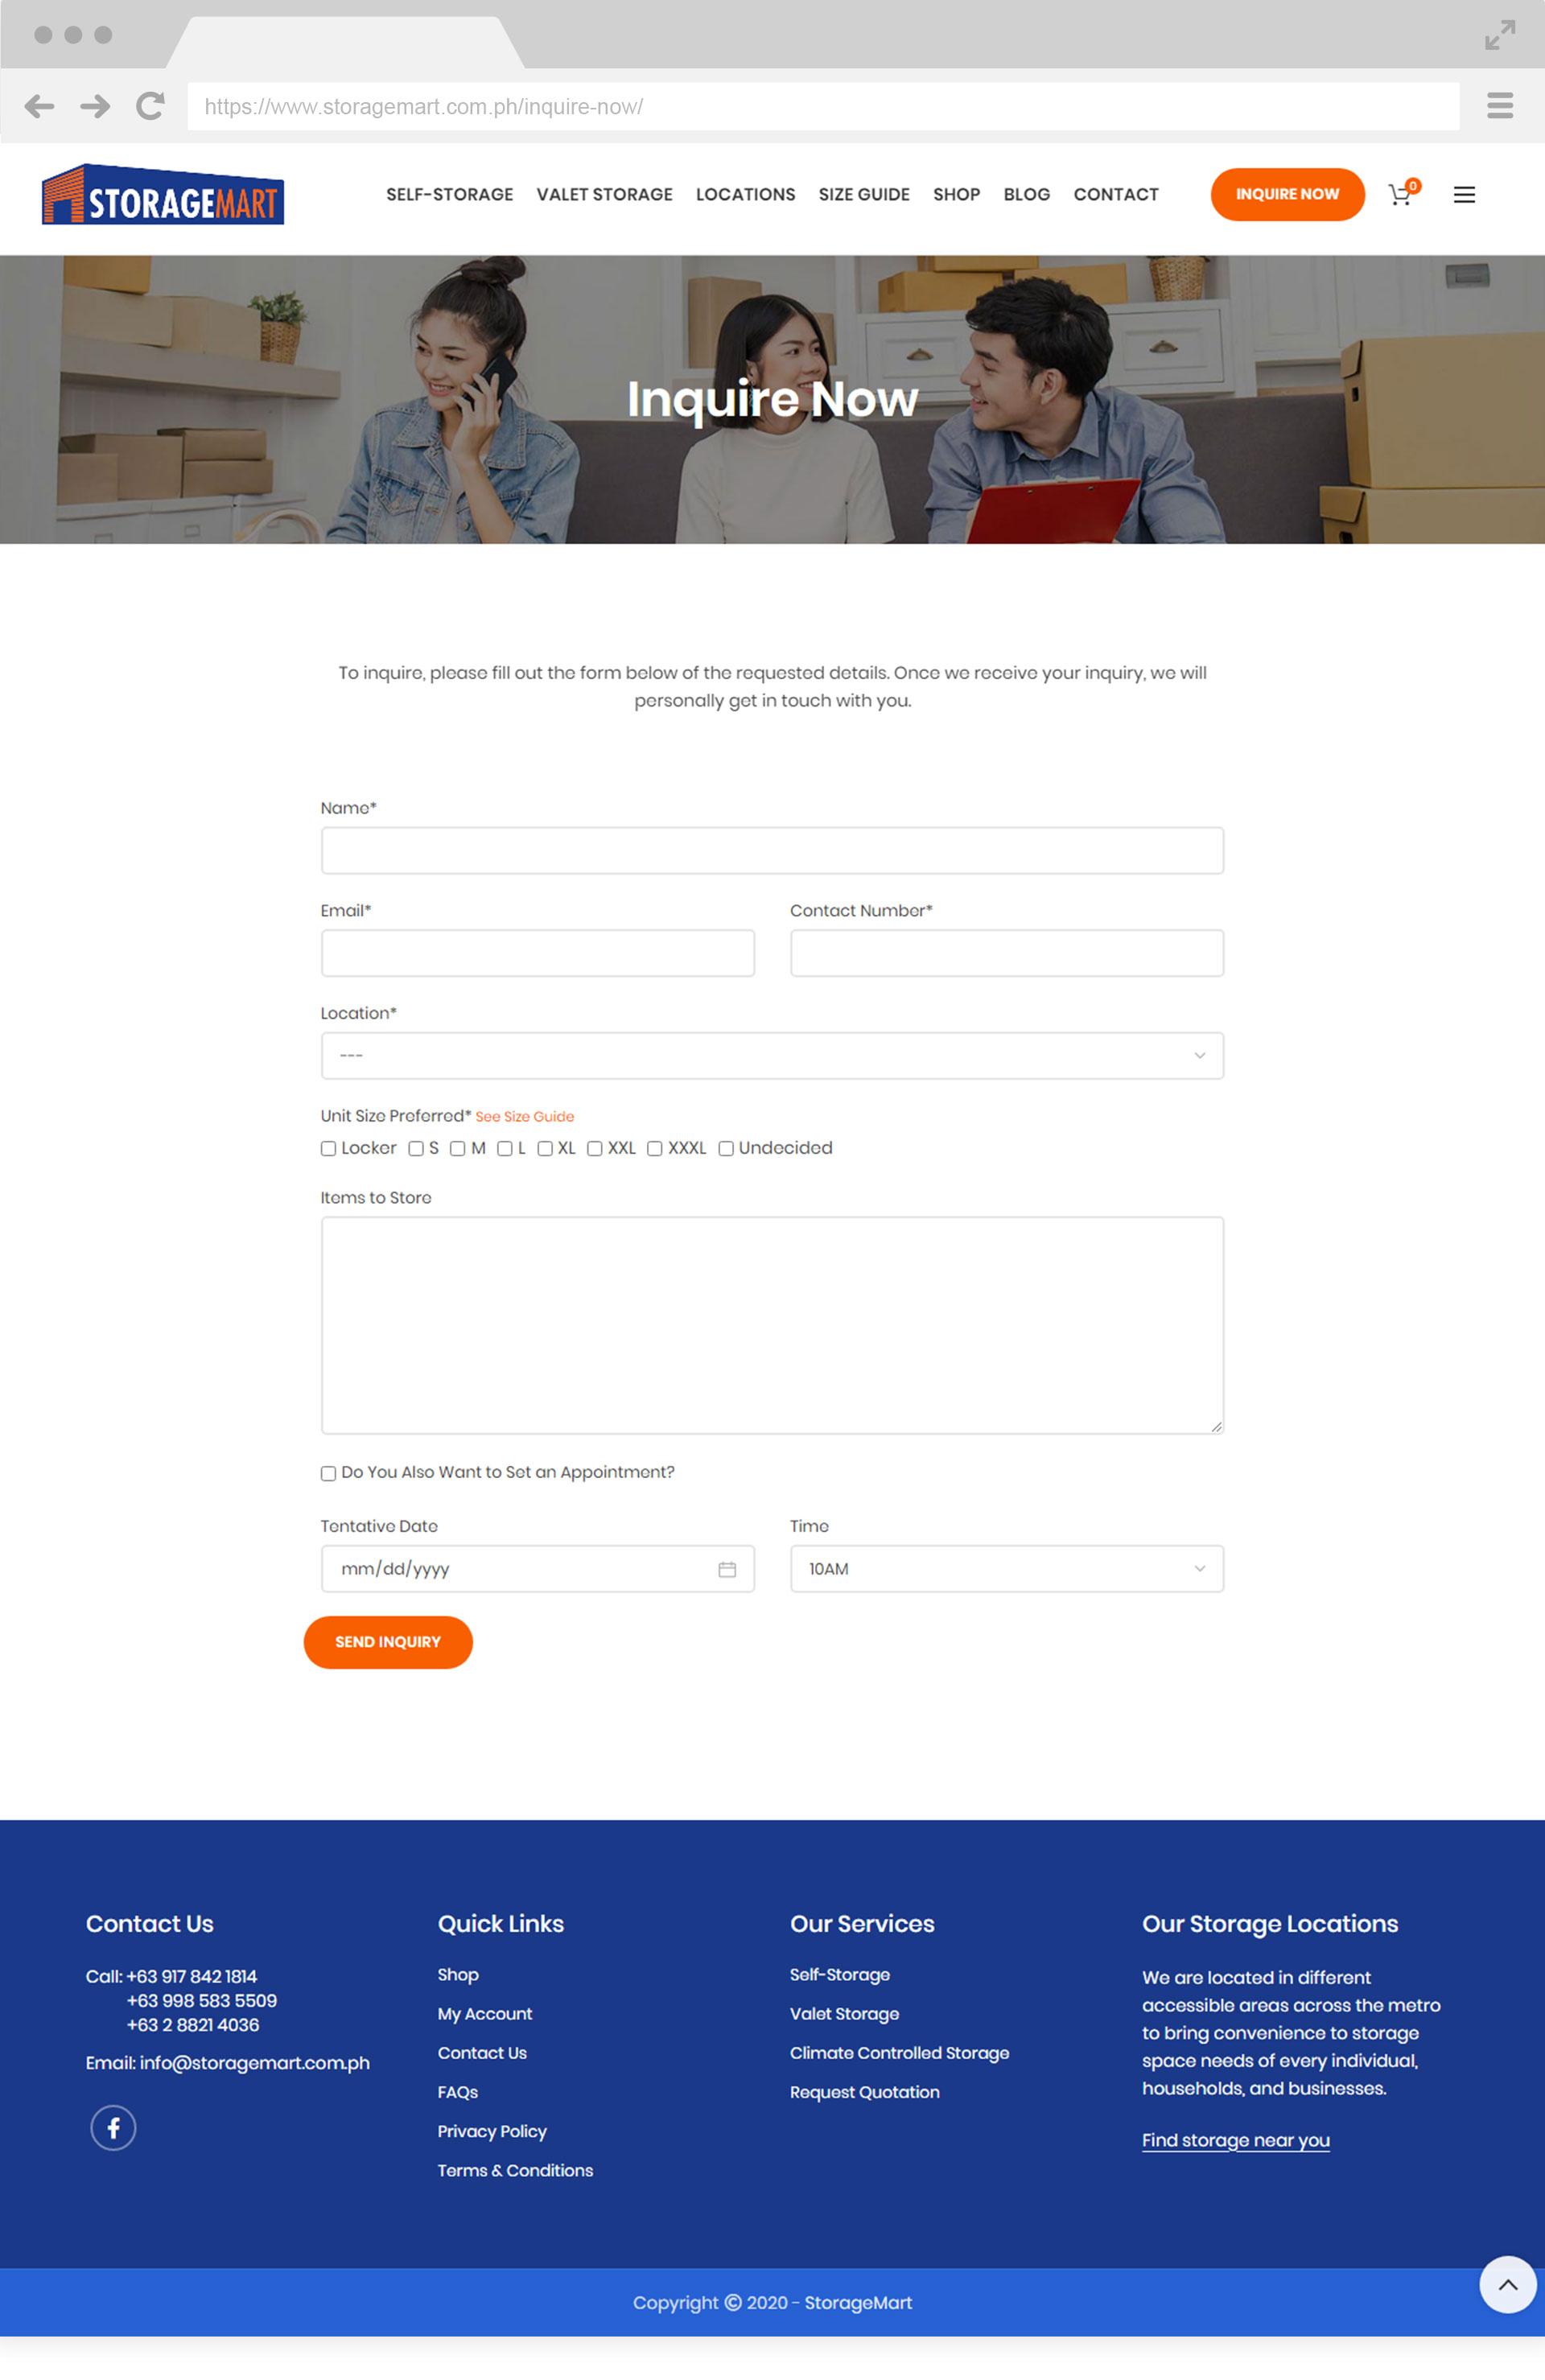 StorageMart Inquire